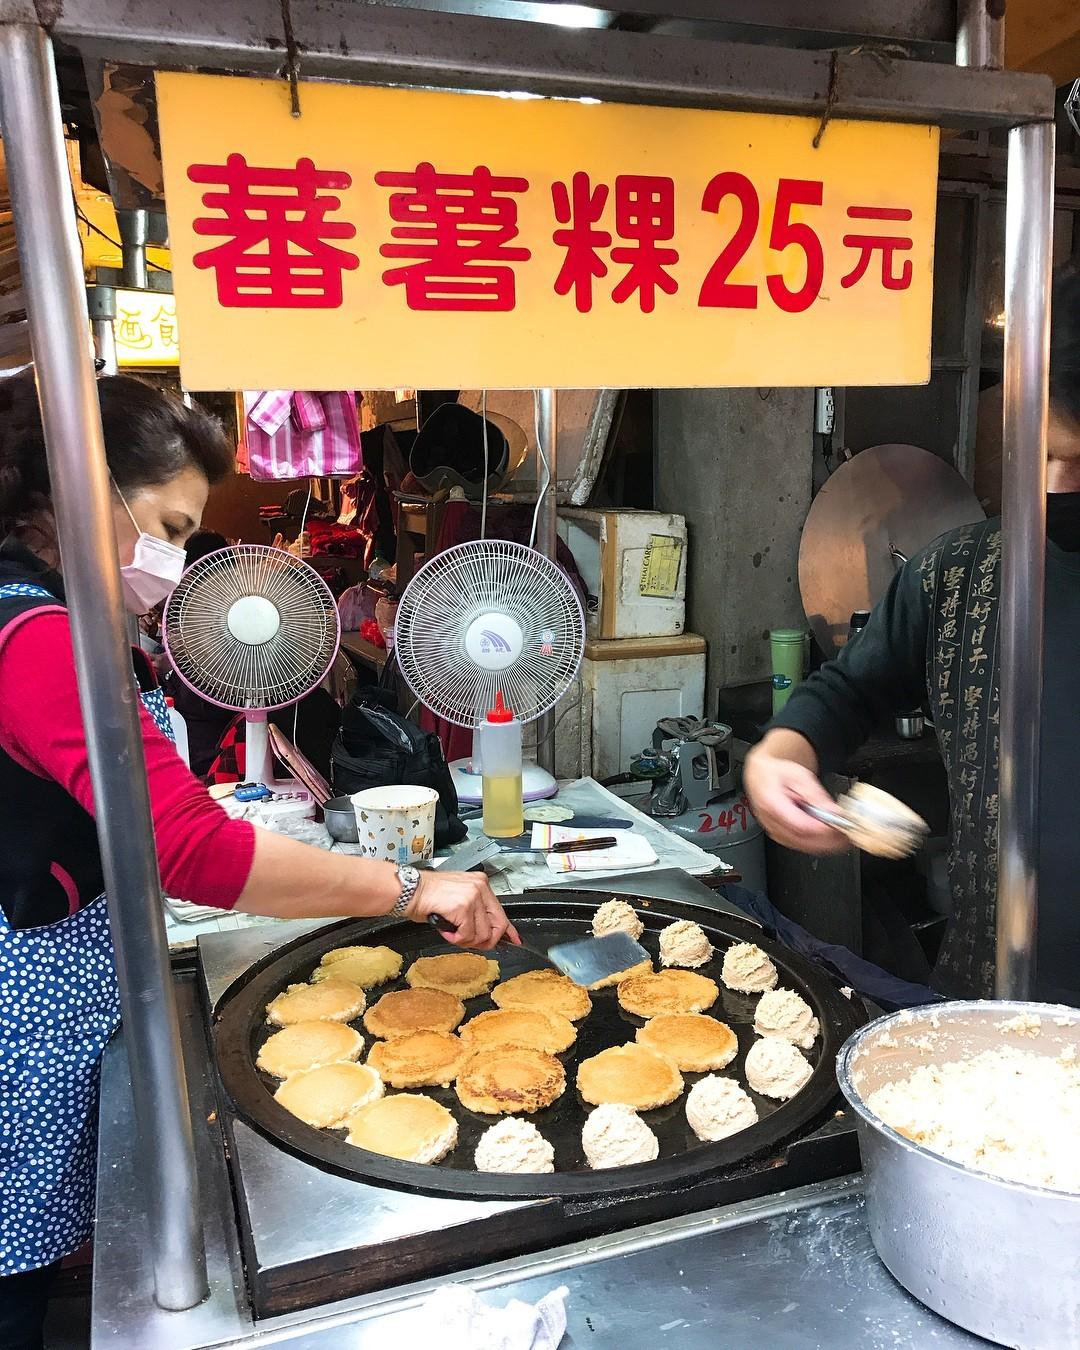 金山老街名產 | 街頭小吃番薯粿